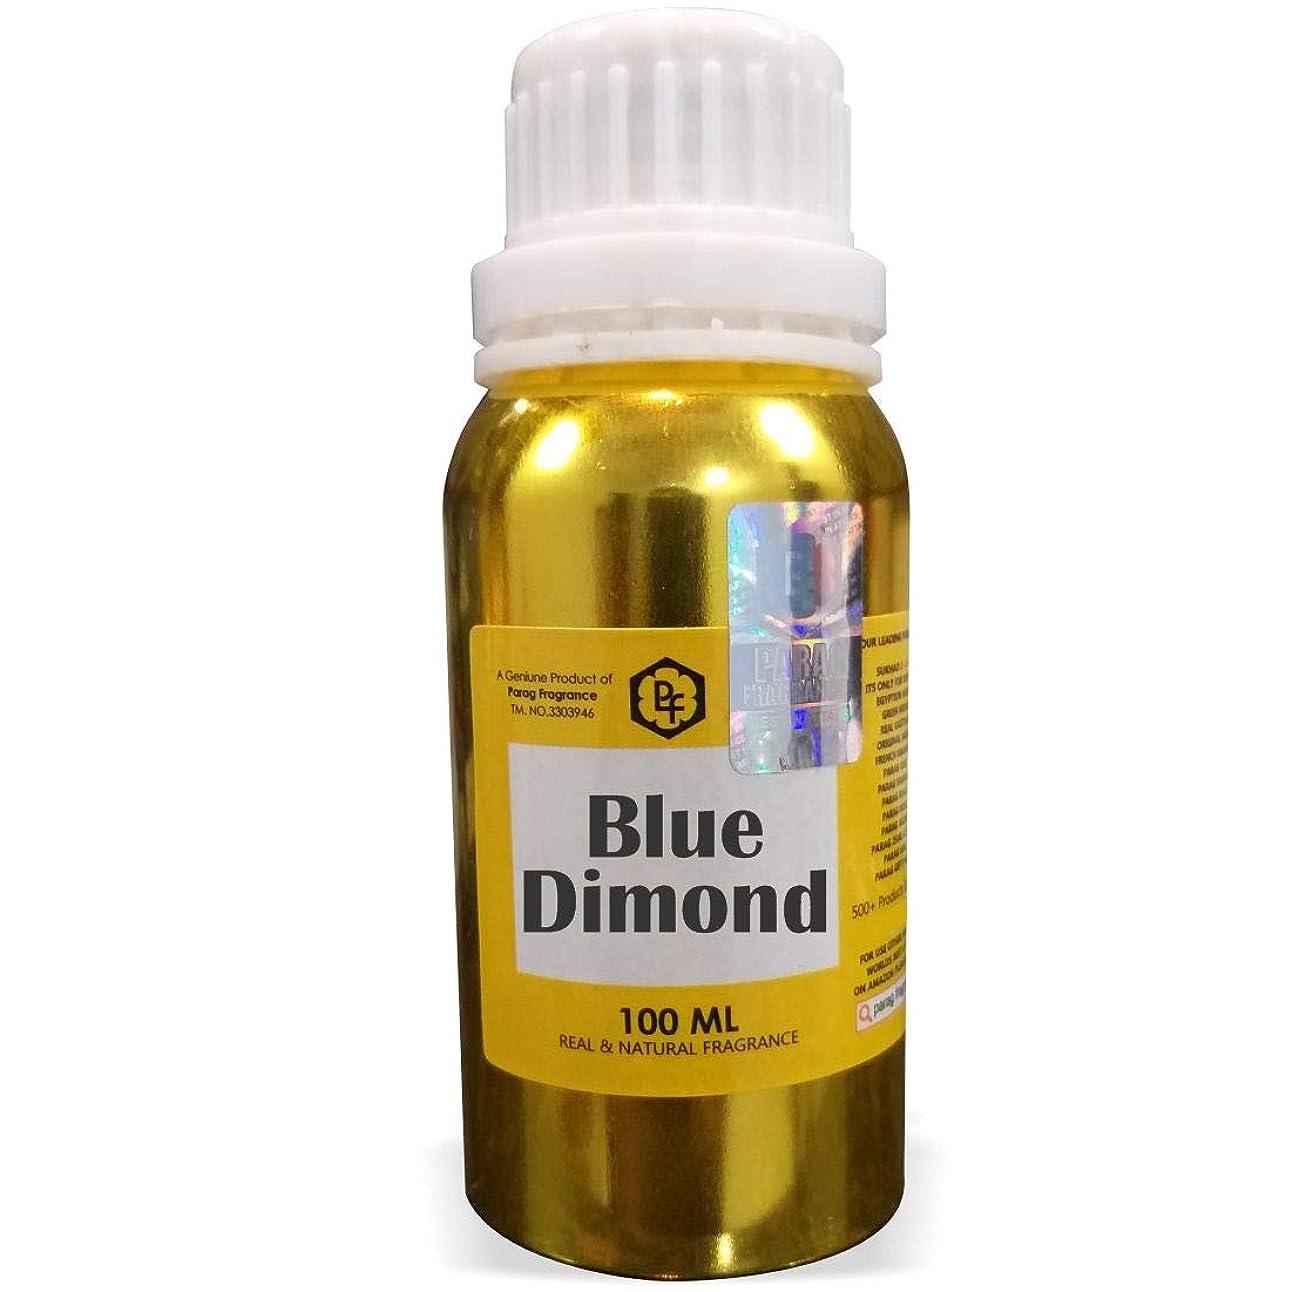 電話に出る材料健全Paragフレグランスブルーダイモンドアター100ミリリットル(男性用アルコールフリーアター)香油| 香り| ITRA